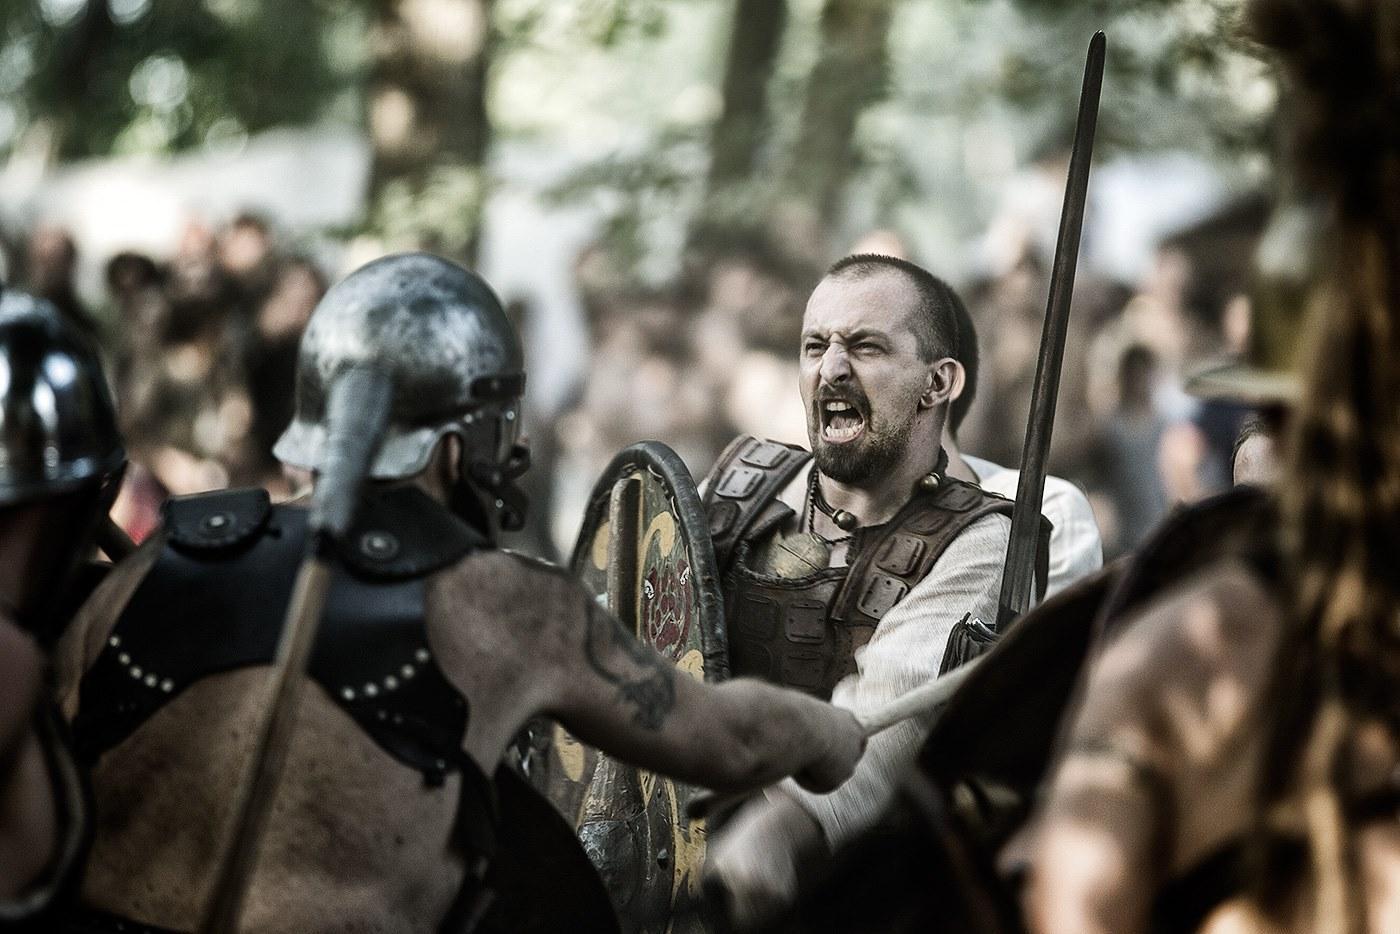 Bundan Battaglia guerriero celta celti spada